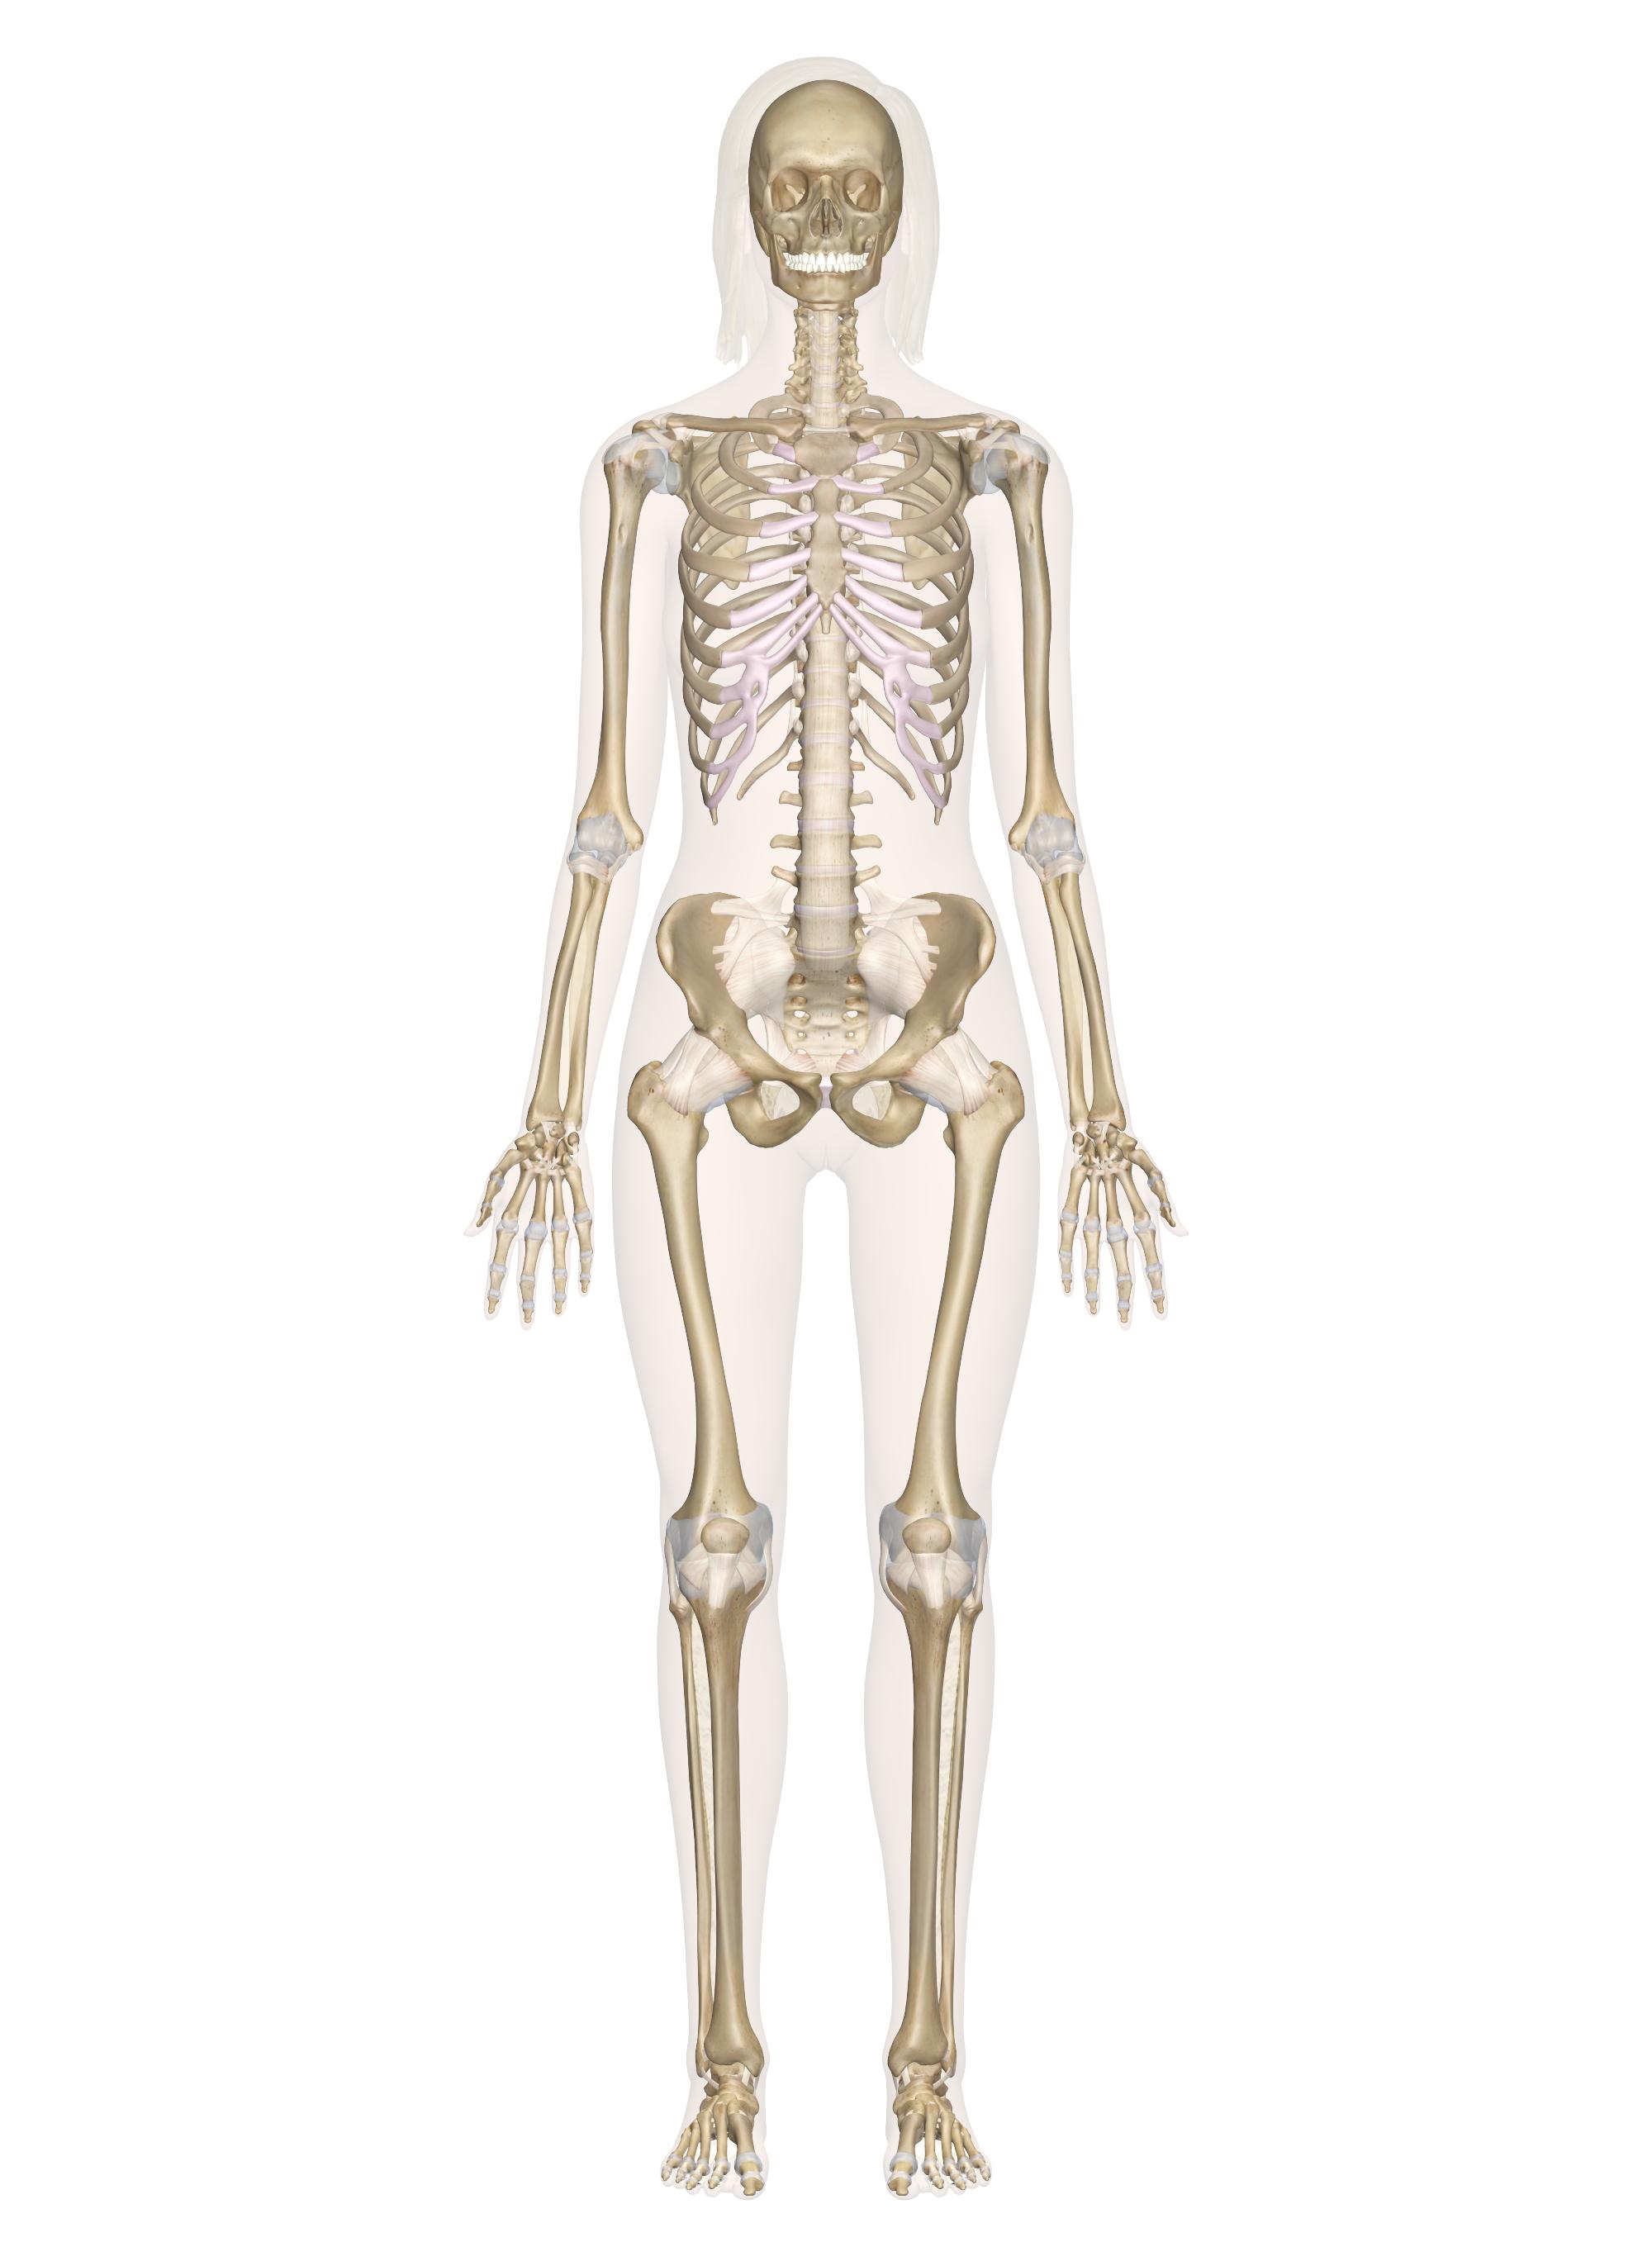 Skeletal System Diagram Skeletal System Labeled Diagrams Of The Human Skeleton